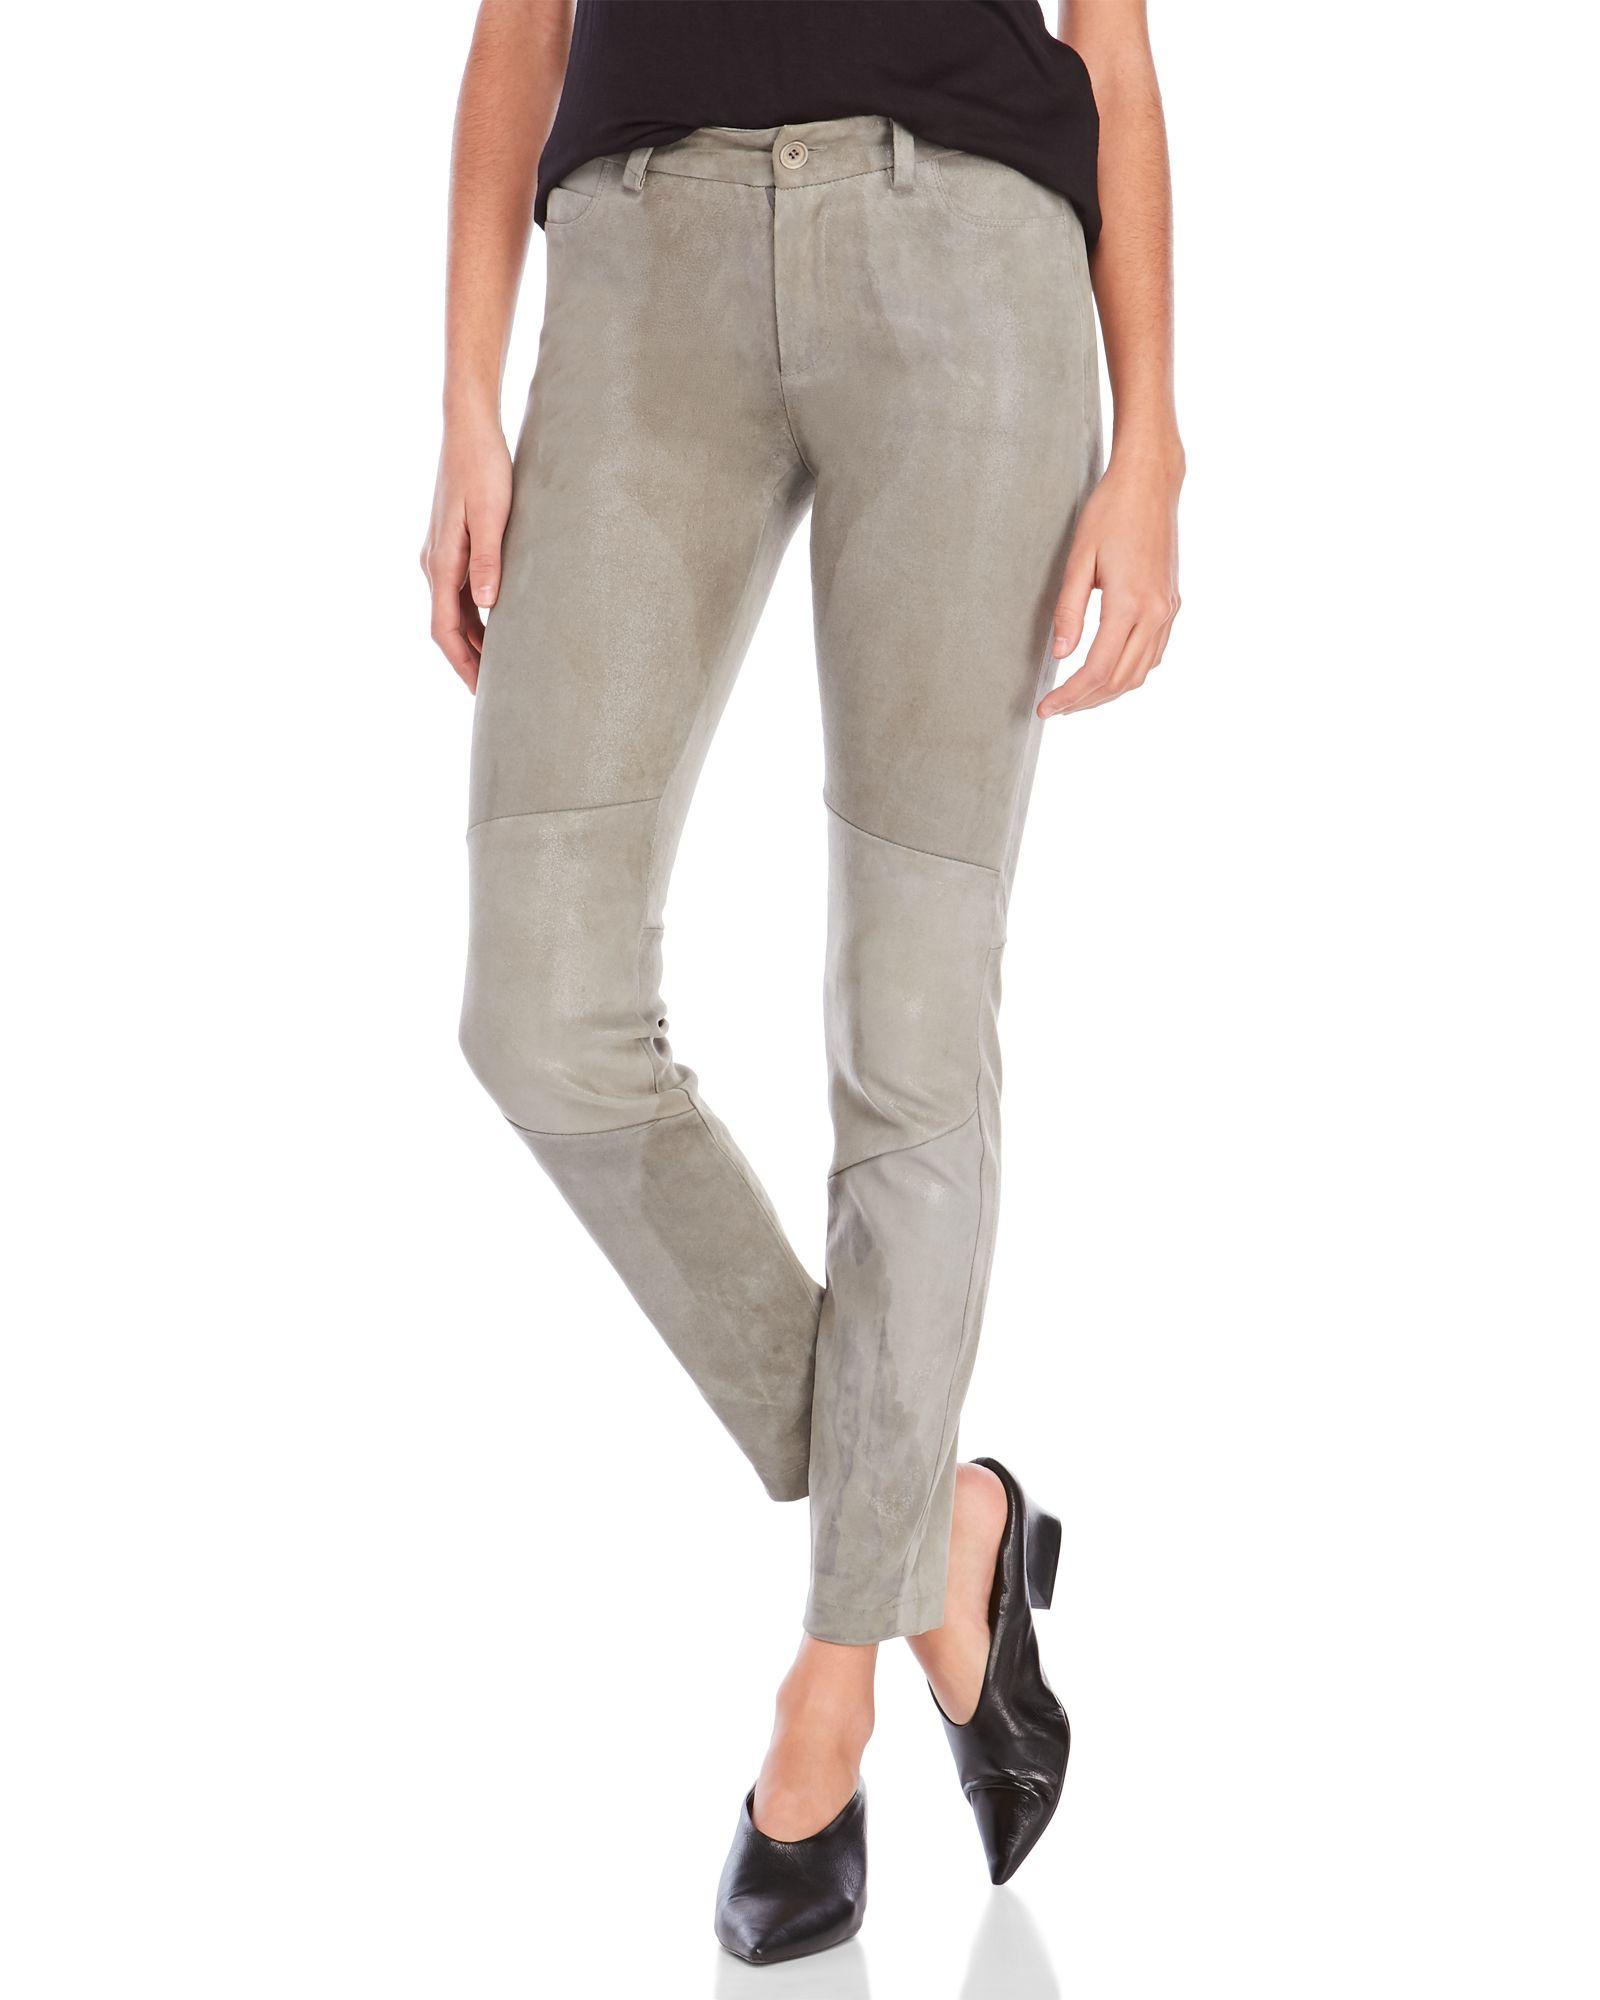 slim fit trousers - Black Transit Par-Such Shop For Online htYMA